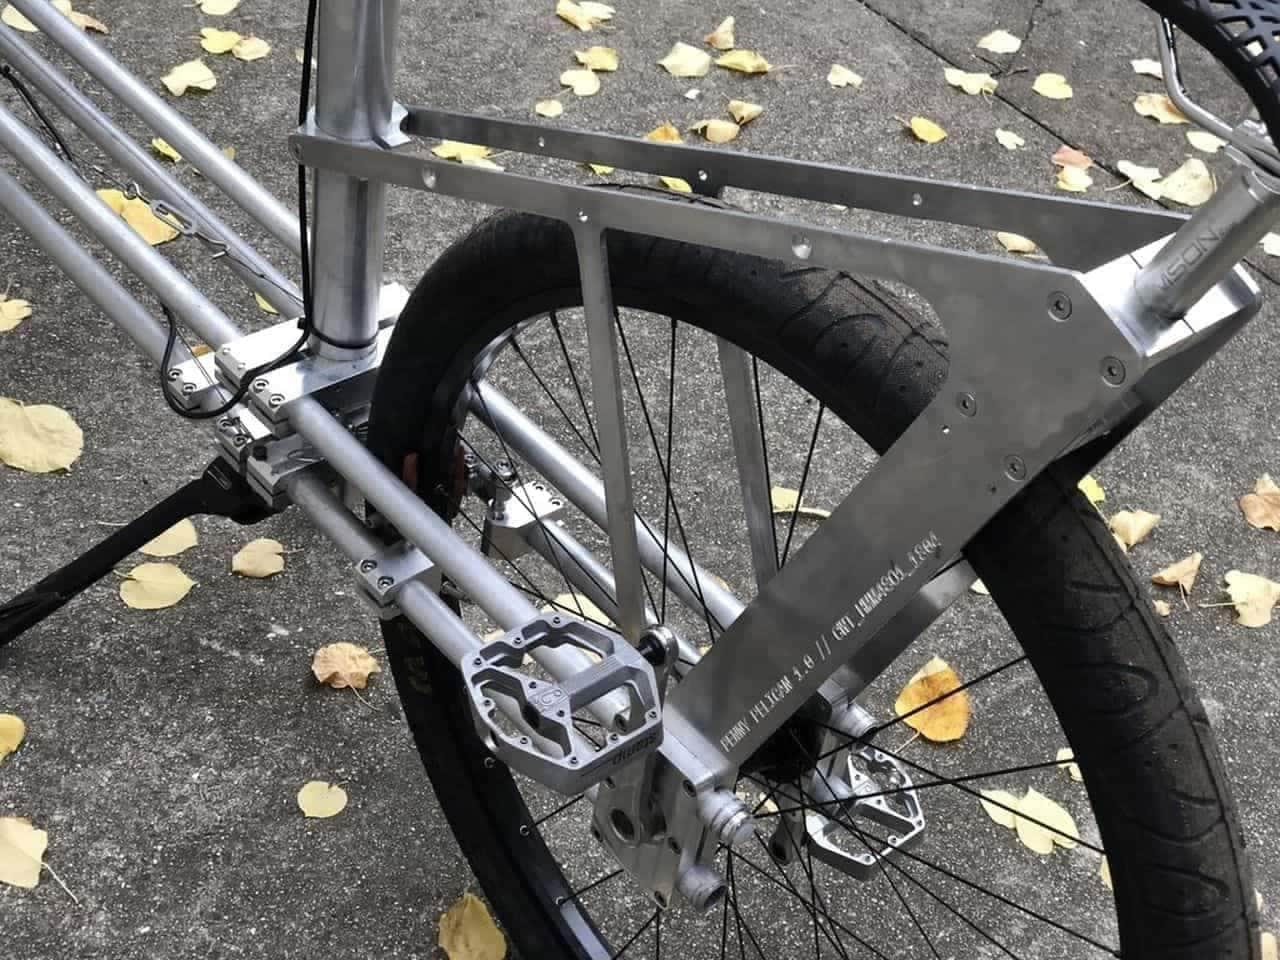 ペニー・ファージングスタイルを採用したカーゴバイク「ペニー・ペリカン」